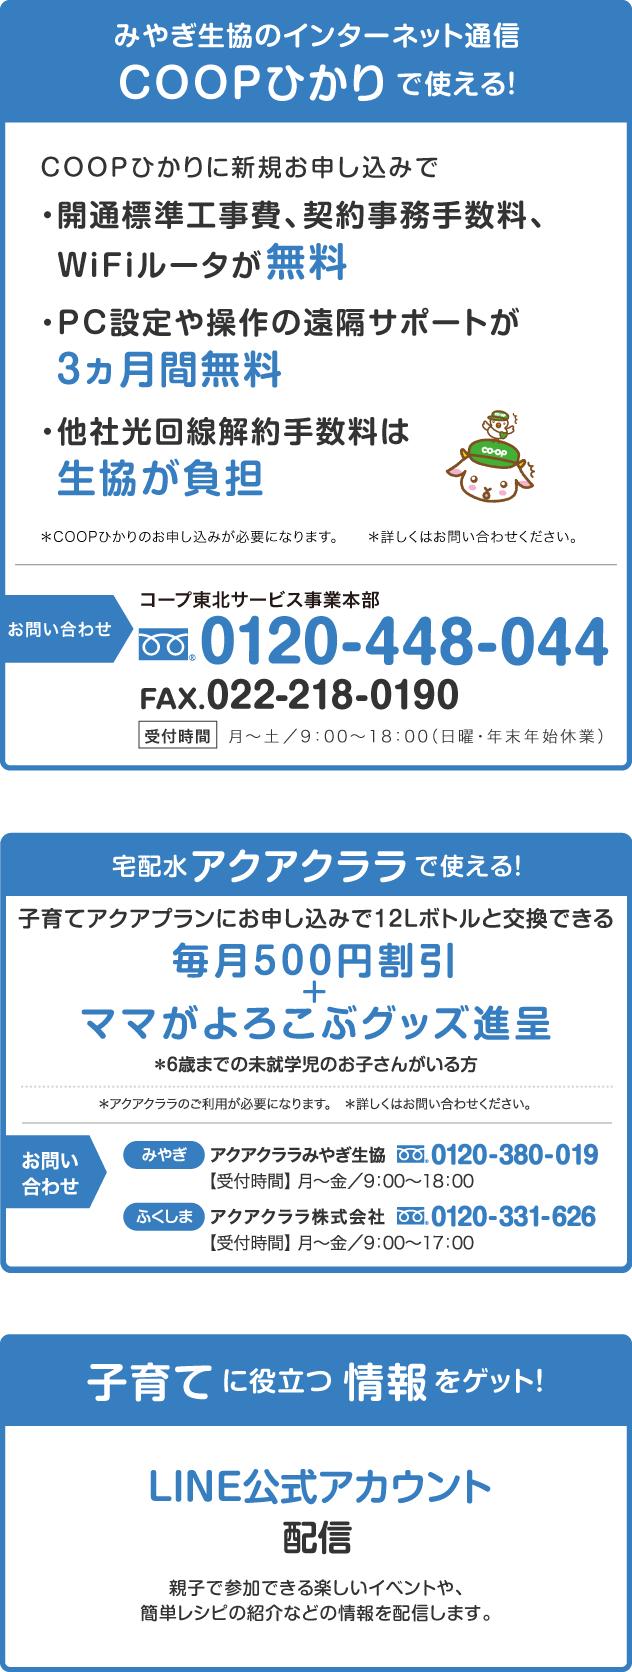 ・みやぎ生協のインターネット通信『COOPひかり』で使える! ・宅配水『アクアクララ』で使える! ・子育てに役立つ情報をゲット!